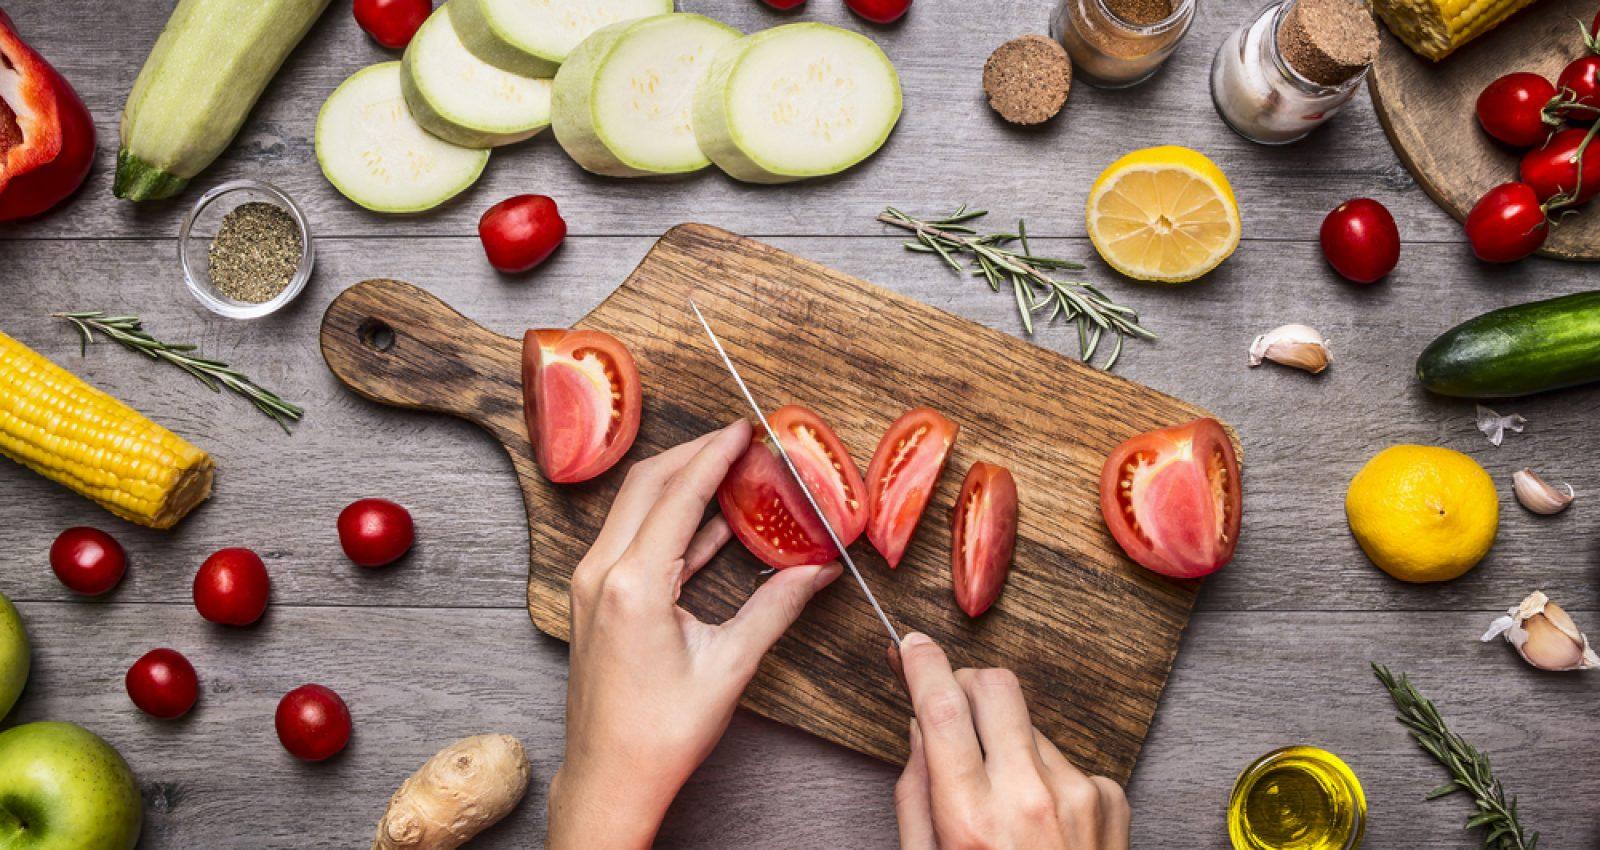 جلوگیری از چروک صورت با استفاده از مواد غذایی